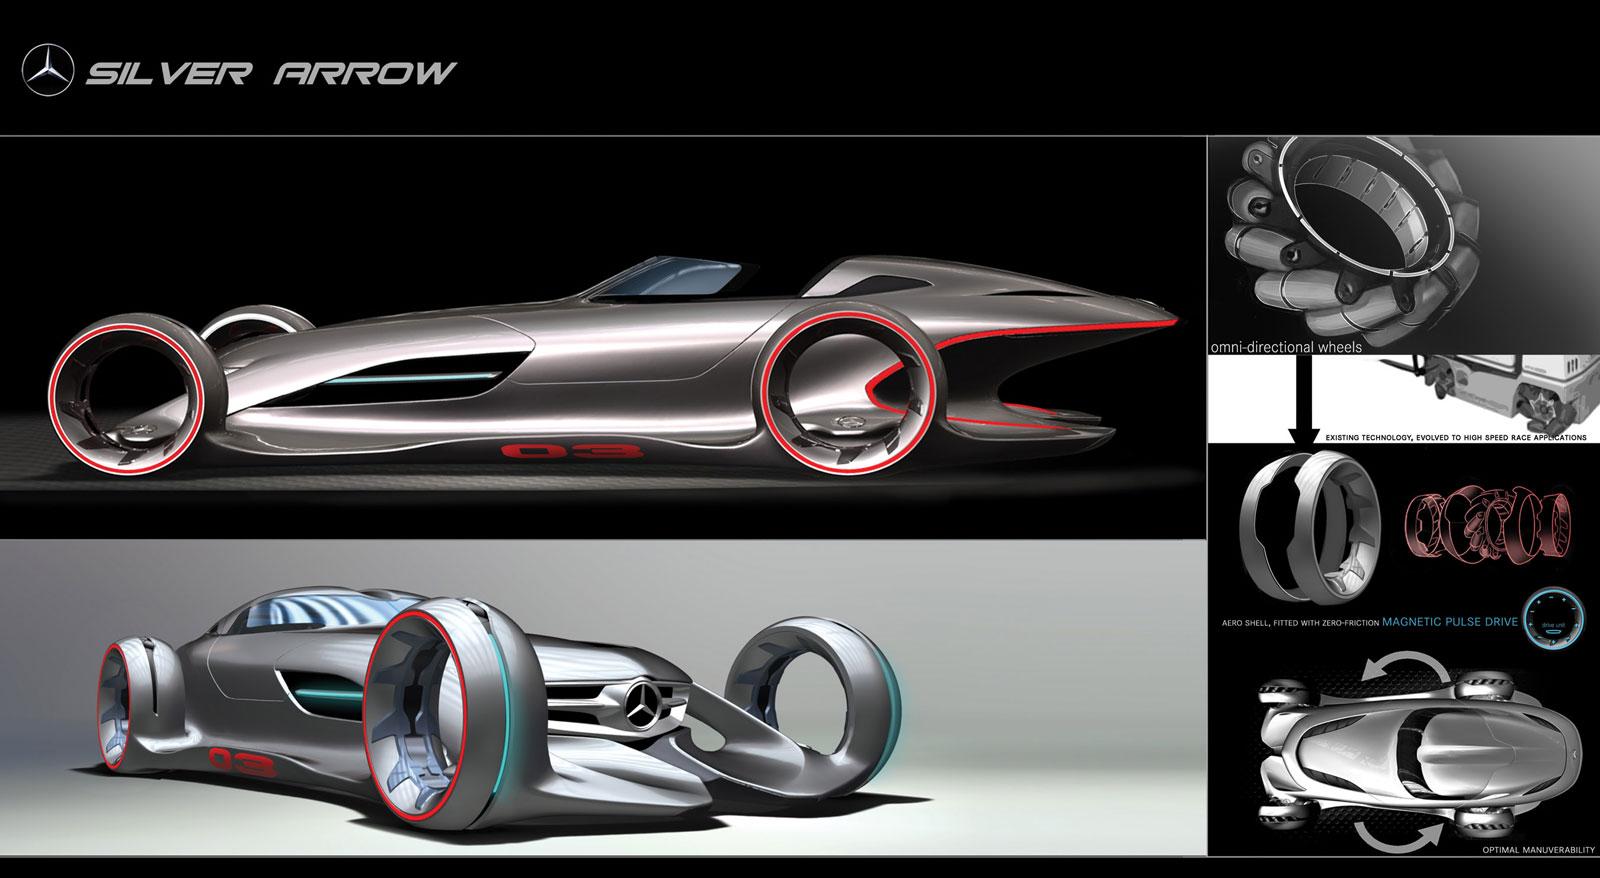 Mercedes Silver Arrow Concept Design Sketches 01